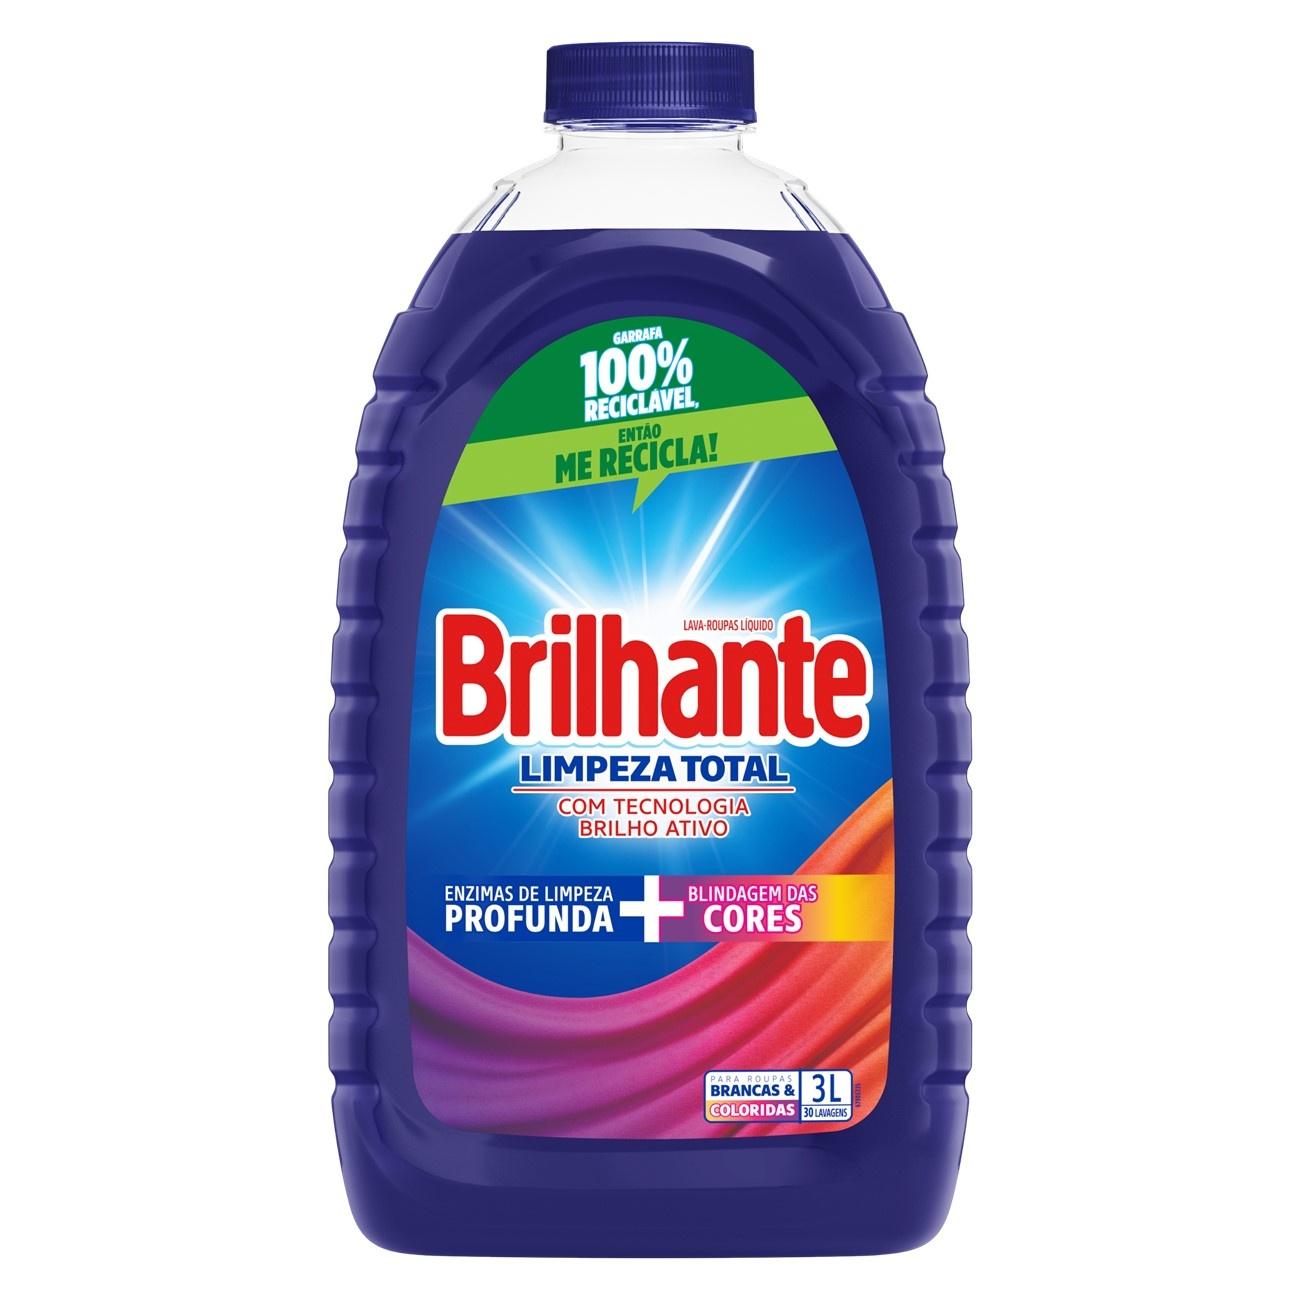 BRILHANTE LIQ LIMP TOT BRIL ATIVO 3L(4)